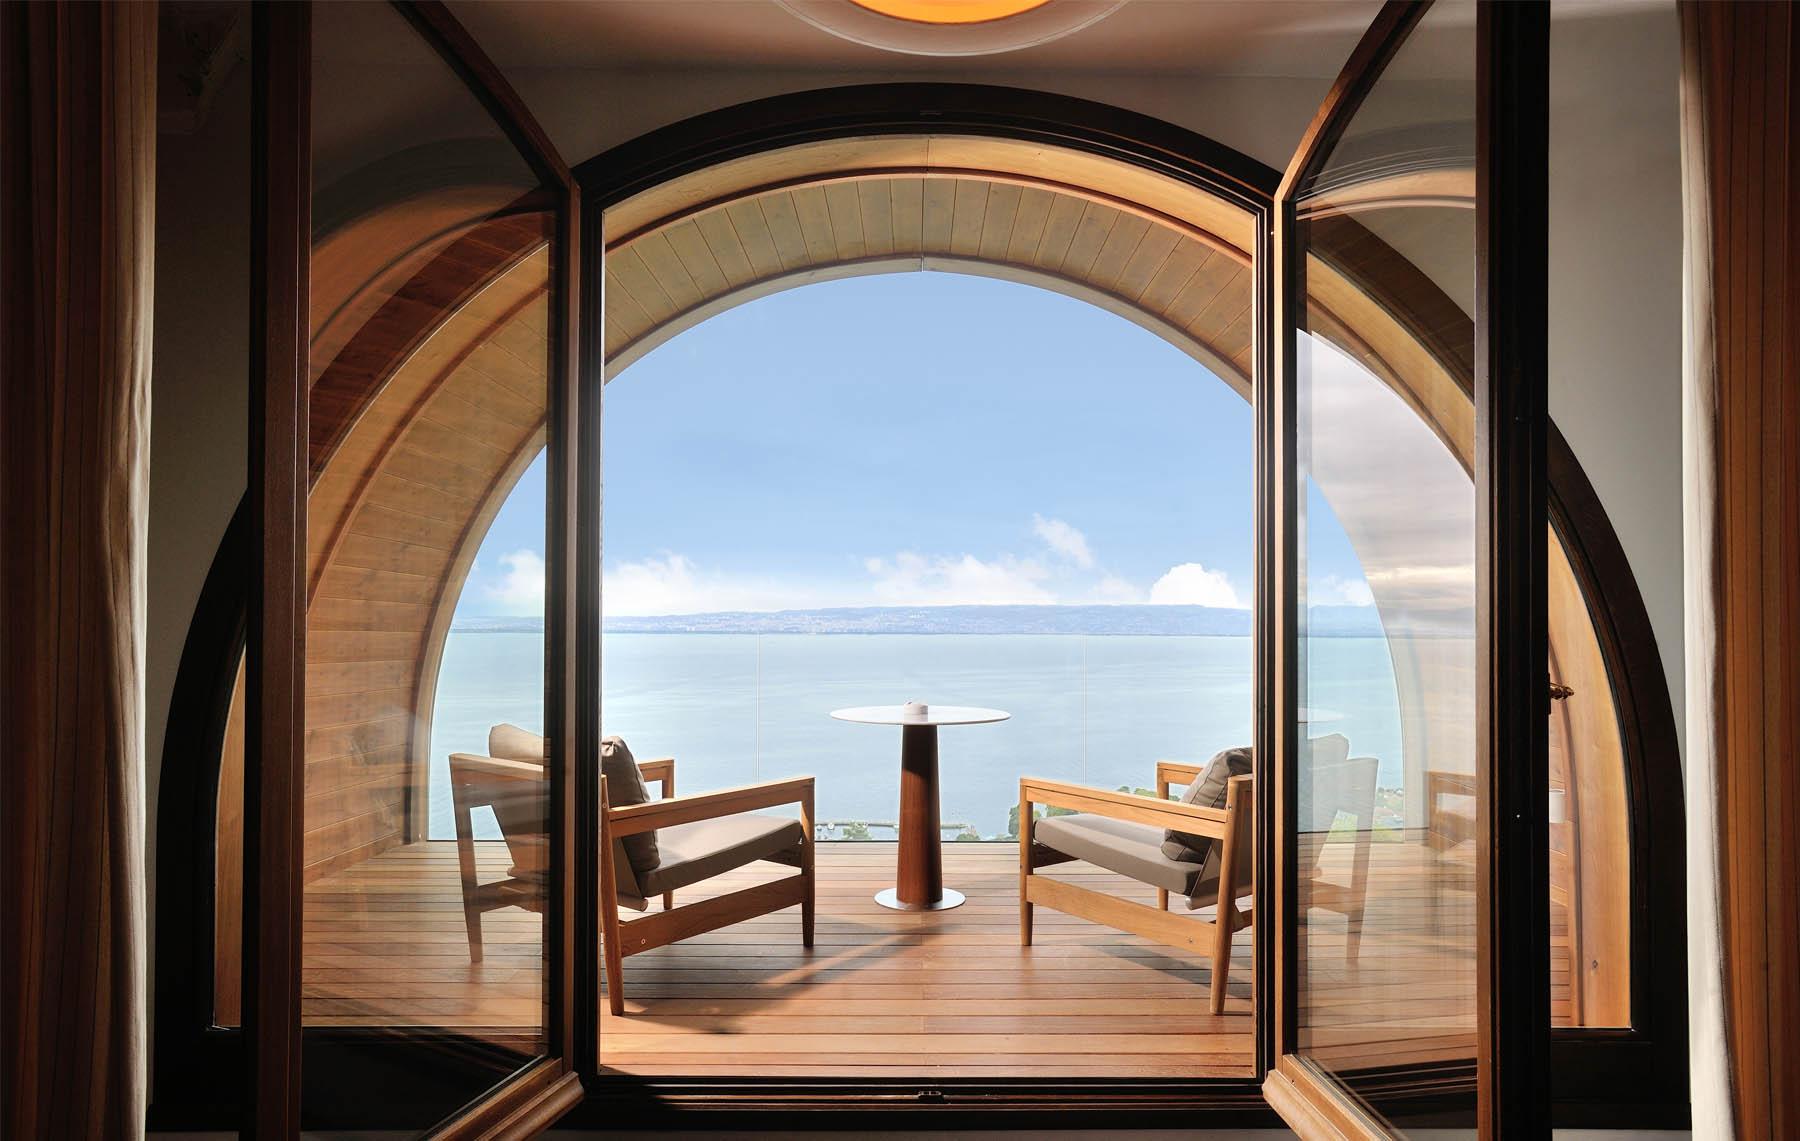 palace 5 toiles evian luxe au bord du lac l man h tel. Black Bedroom Furniture Sets. Home Design Ideas